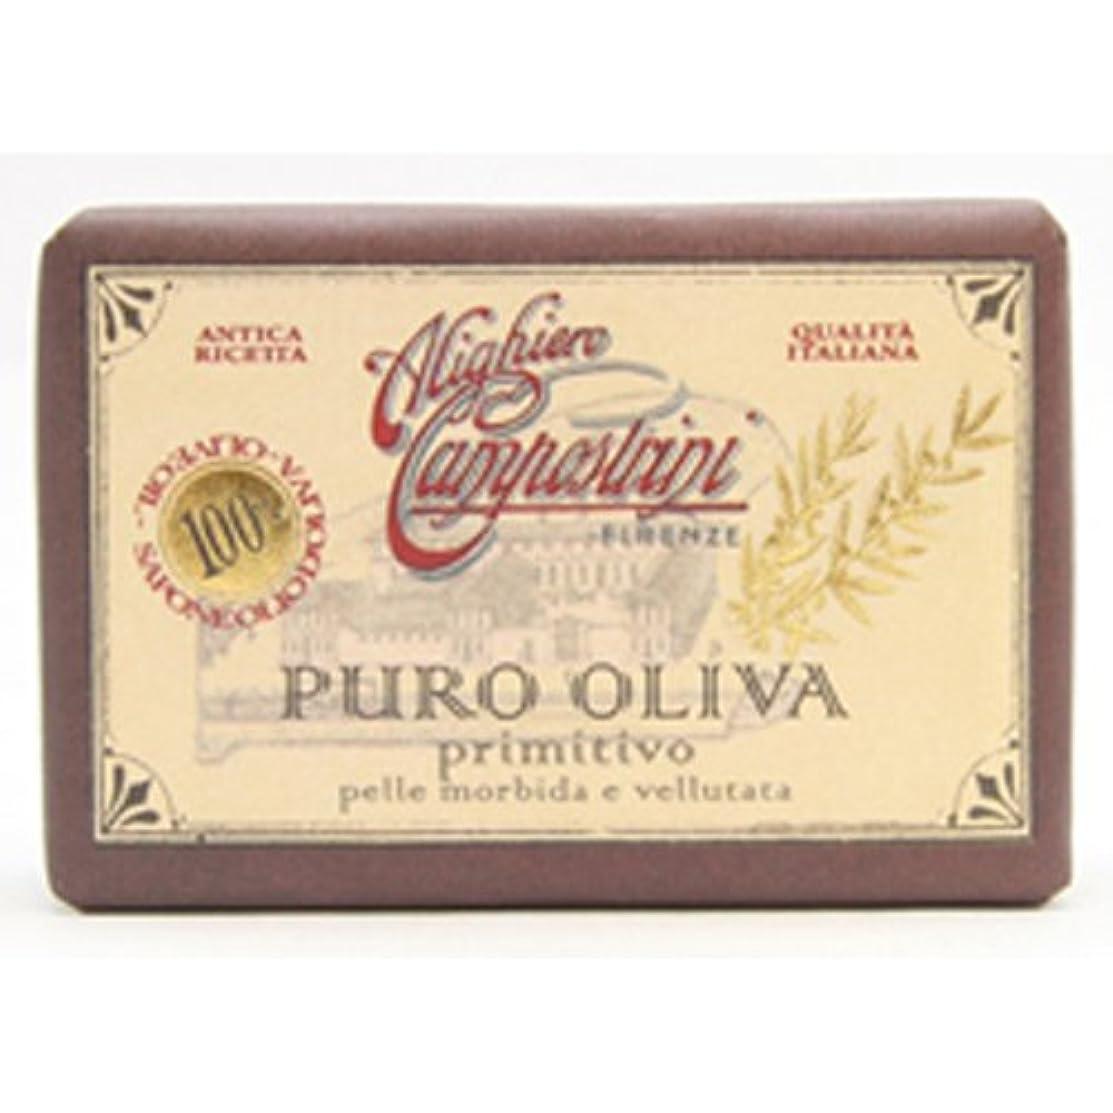 レコーダー防ぐホームSaponerire Fissi サポネリーフィッシー PURO OLIVA Soap オリーブオイル ピュロ ソープ primitivo オリジナル 150g